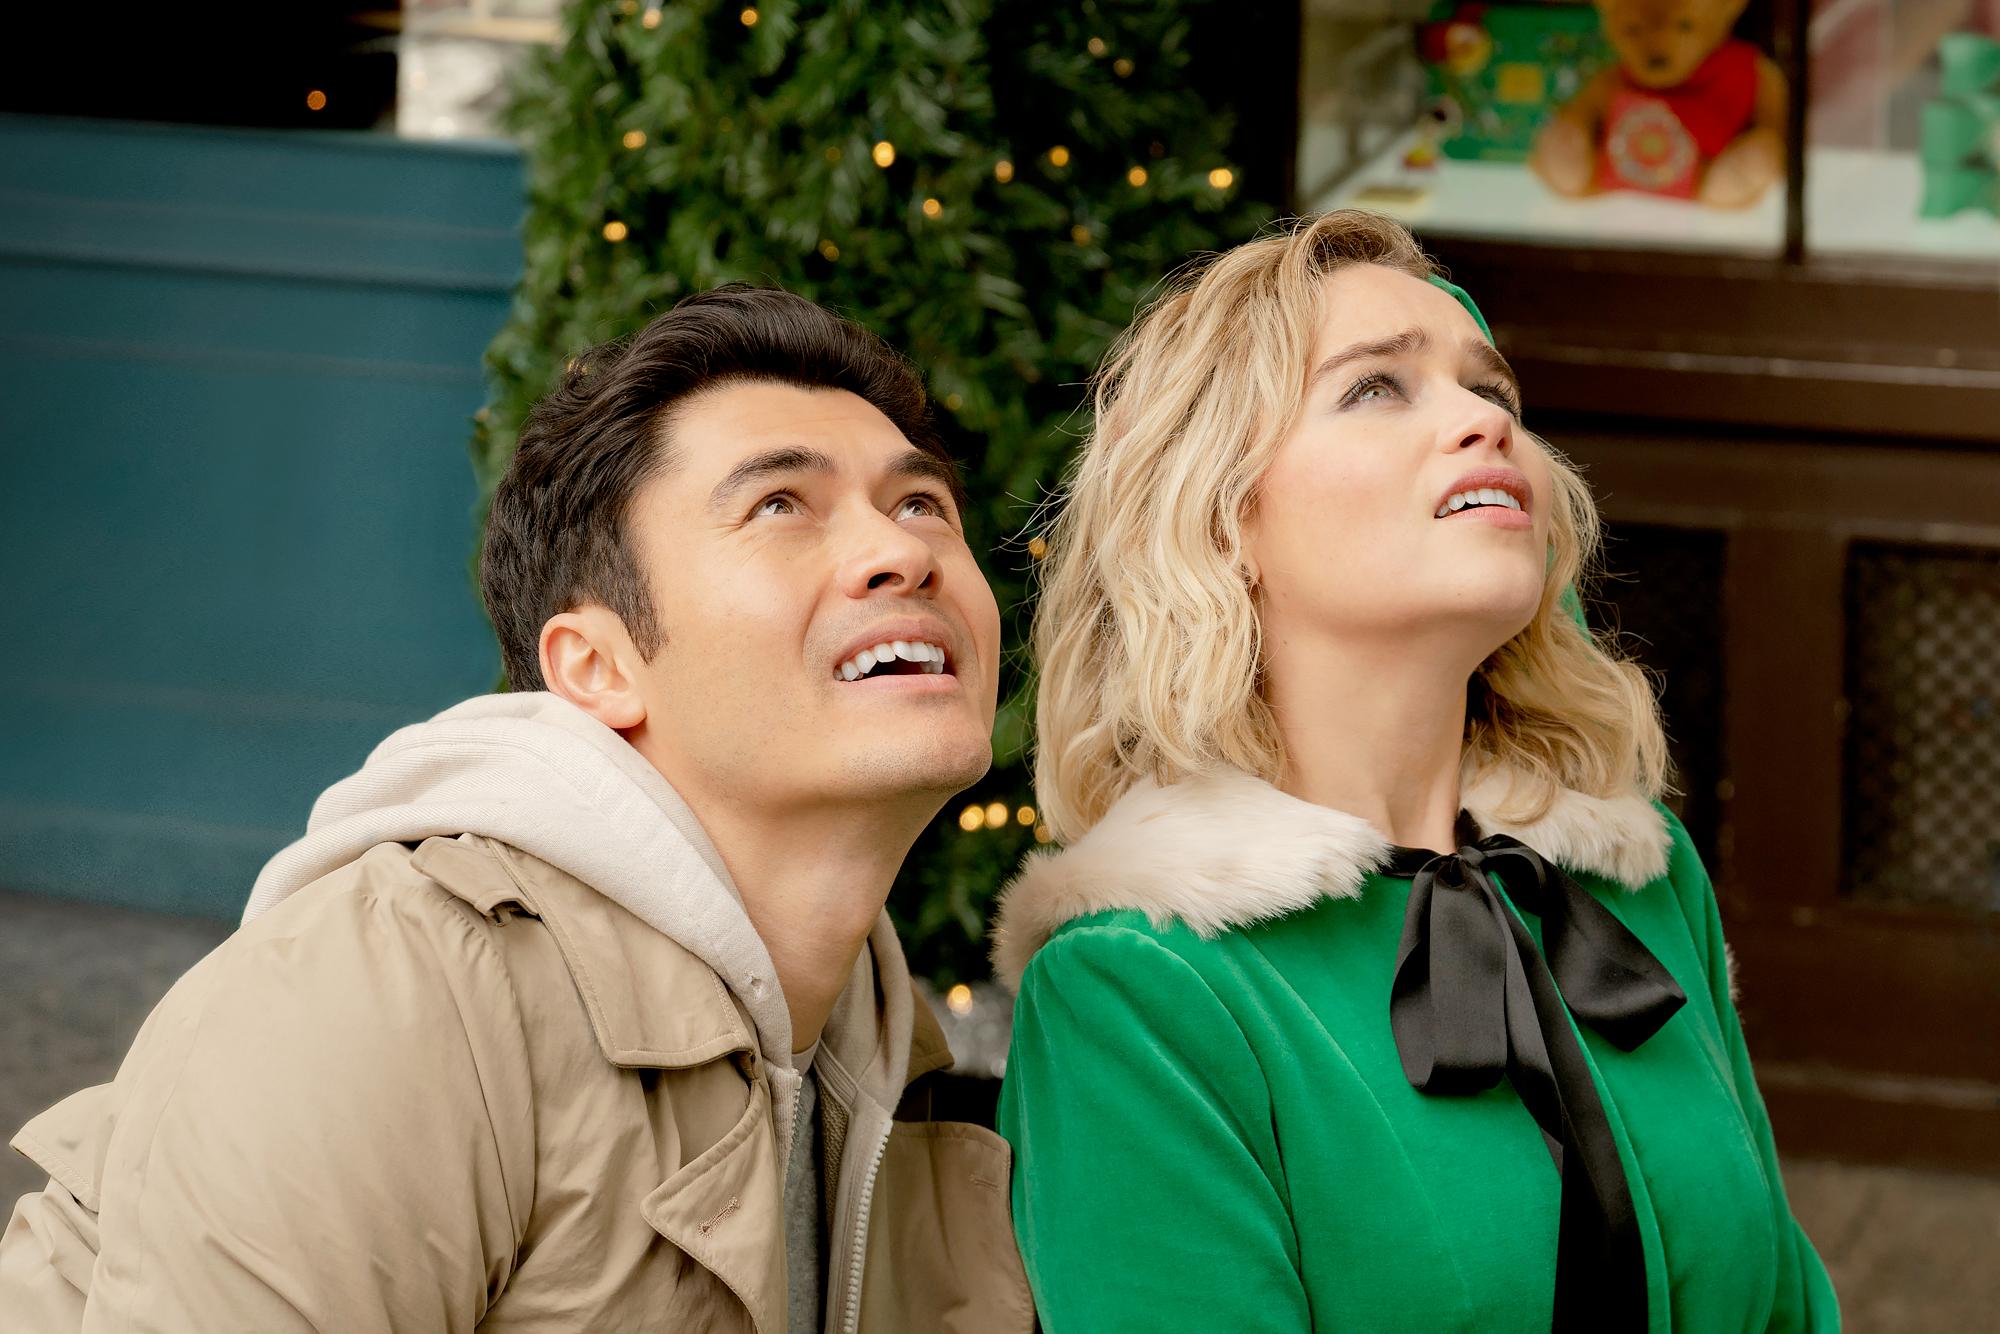 Henry-Golding-Emilia-Clarke-Last-Christmas